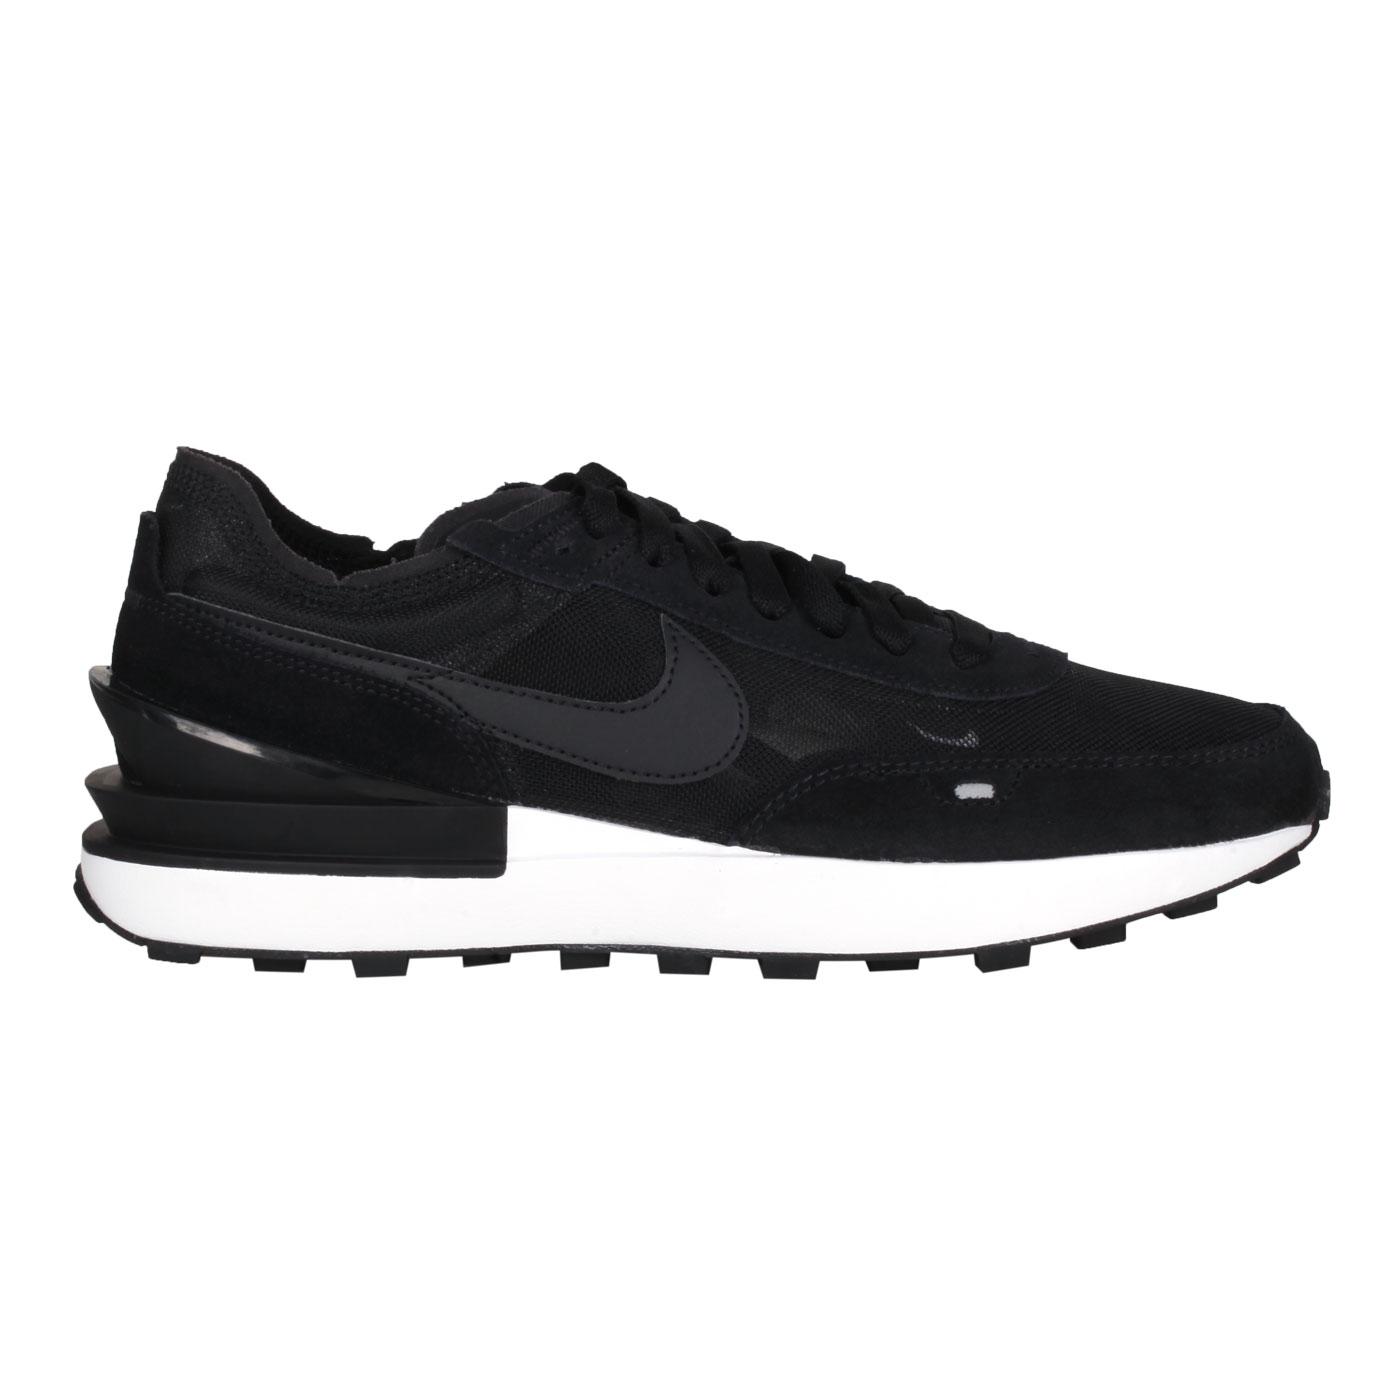 NIKE 男款休閒運動鞋  @WAFFLE ONE@DA7995-001 - 黑